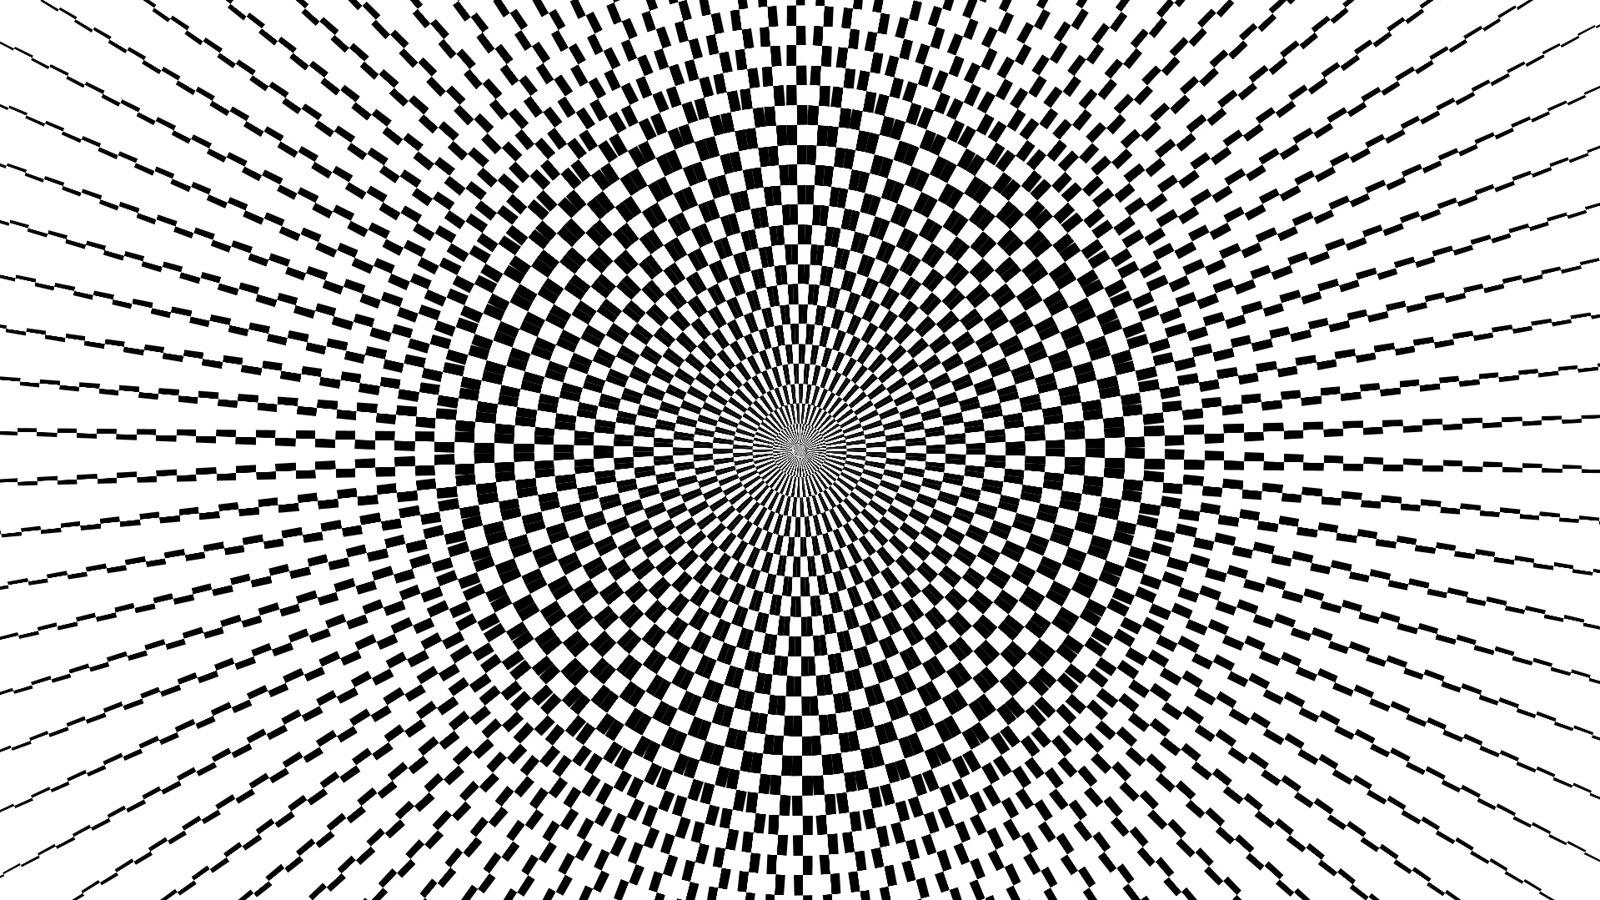 Черно-белый мираж из одного изображения, вариант 1